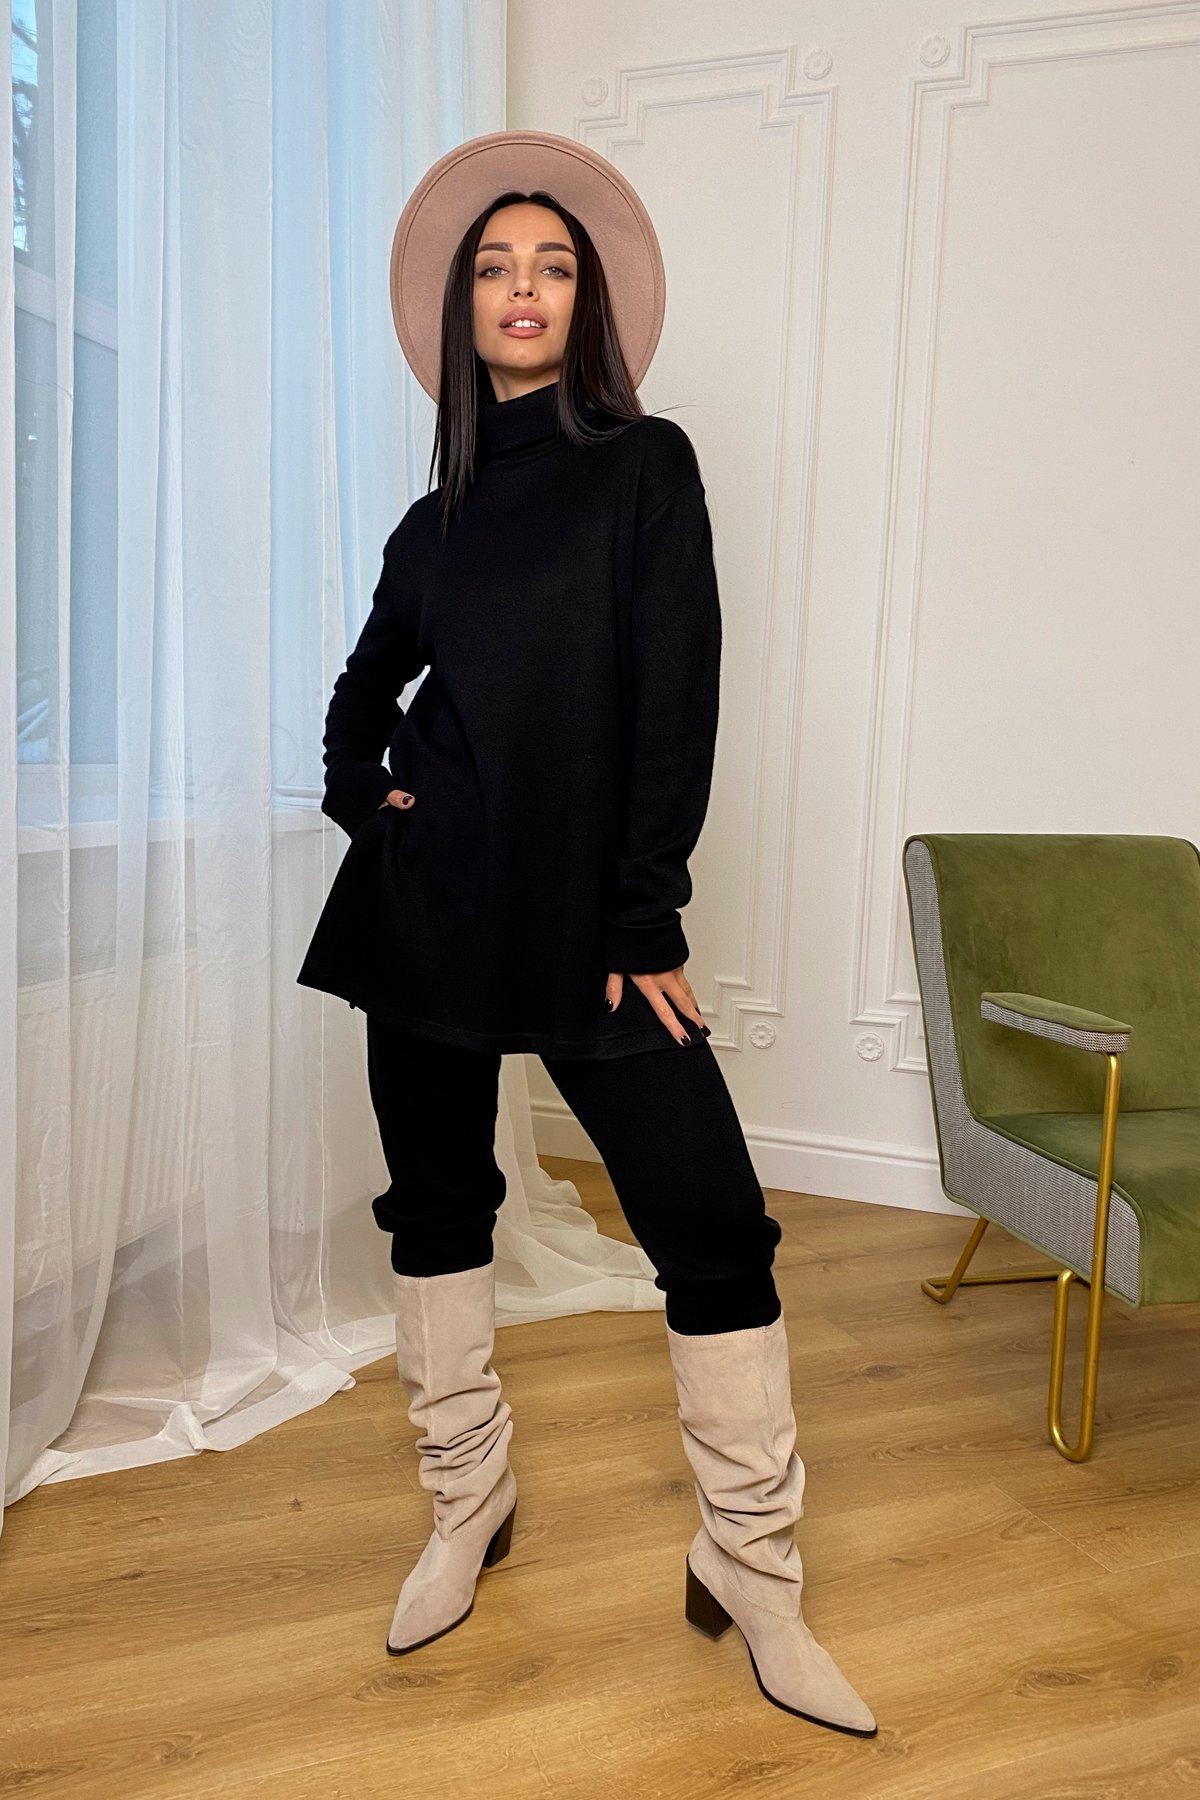 Люкс прогулочный костюм  из ангоры  9975 АРТ. 46312 Цвет: Черный - фото 5, интернет магазин tm-modus.ru